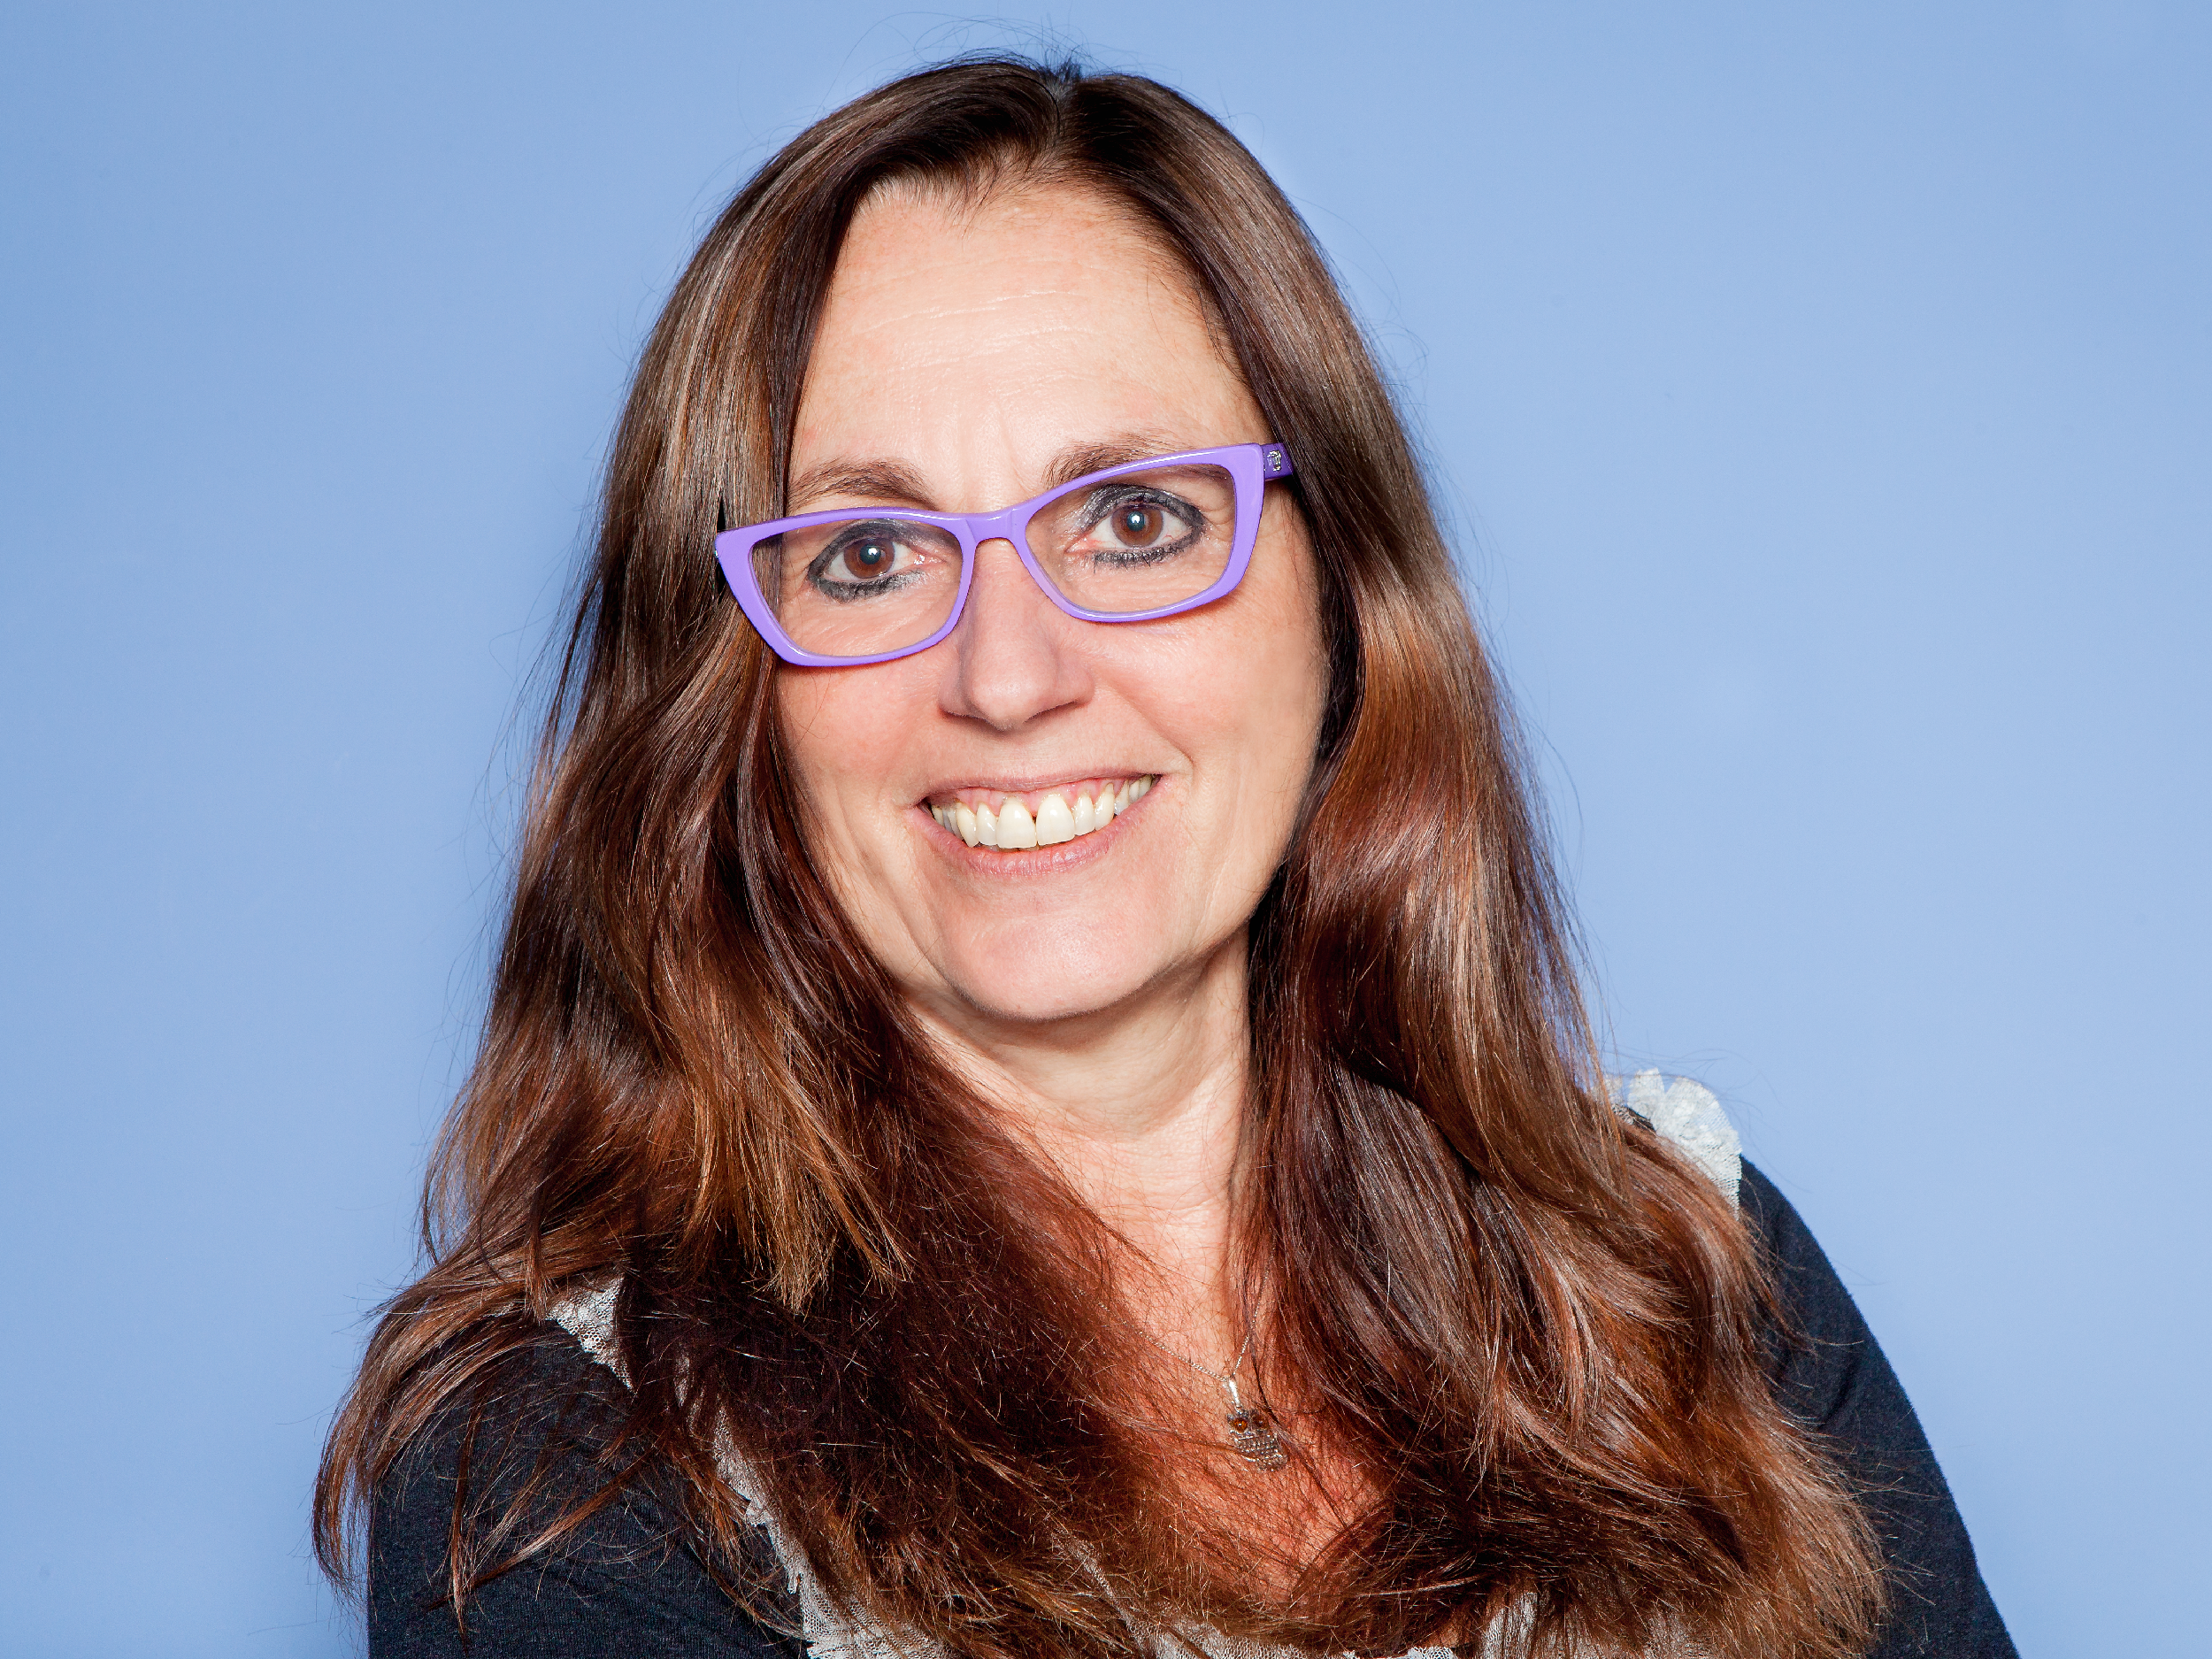 Paula Molinari - Fundadora y Presidente de Whalecom, consultora líder en Latinoamérica.